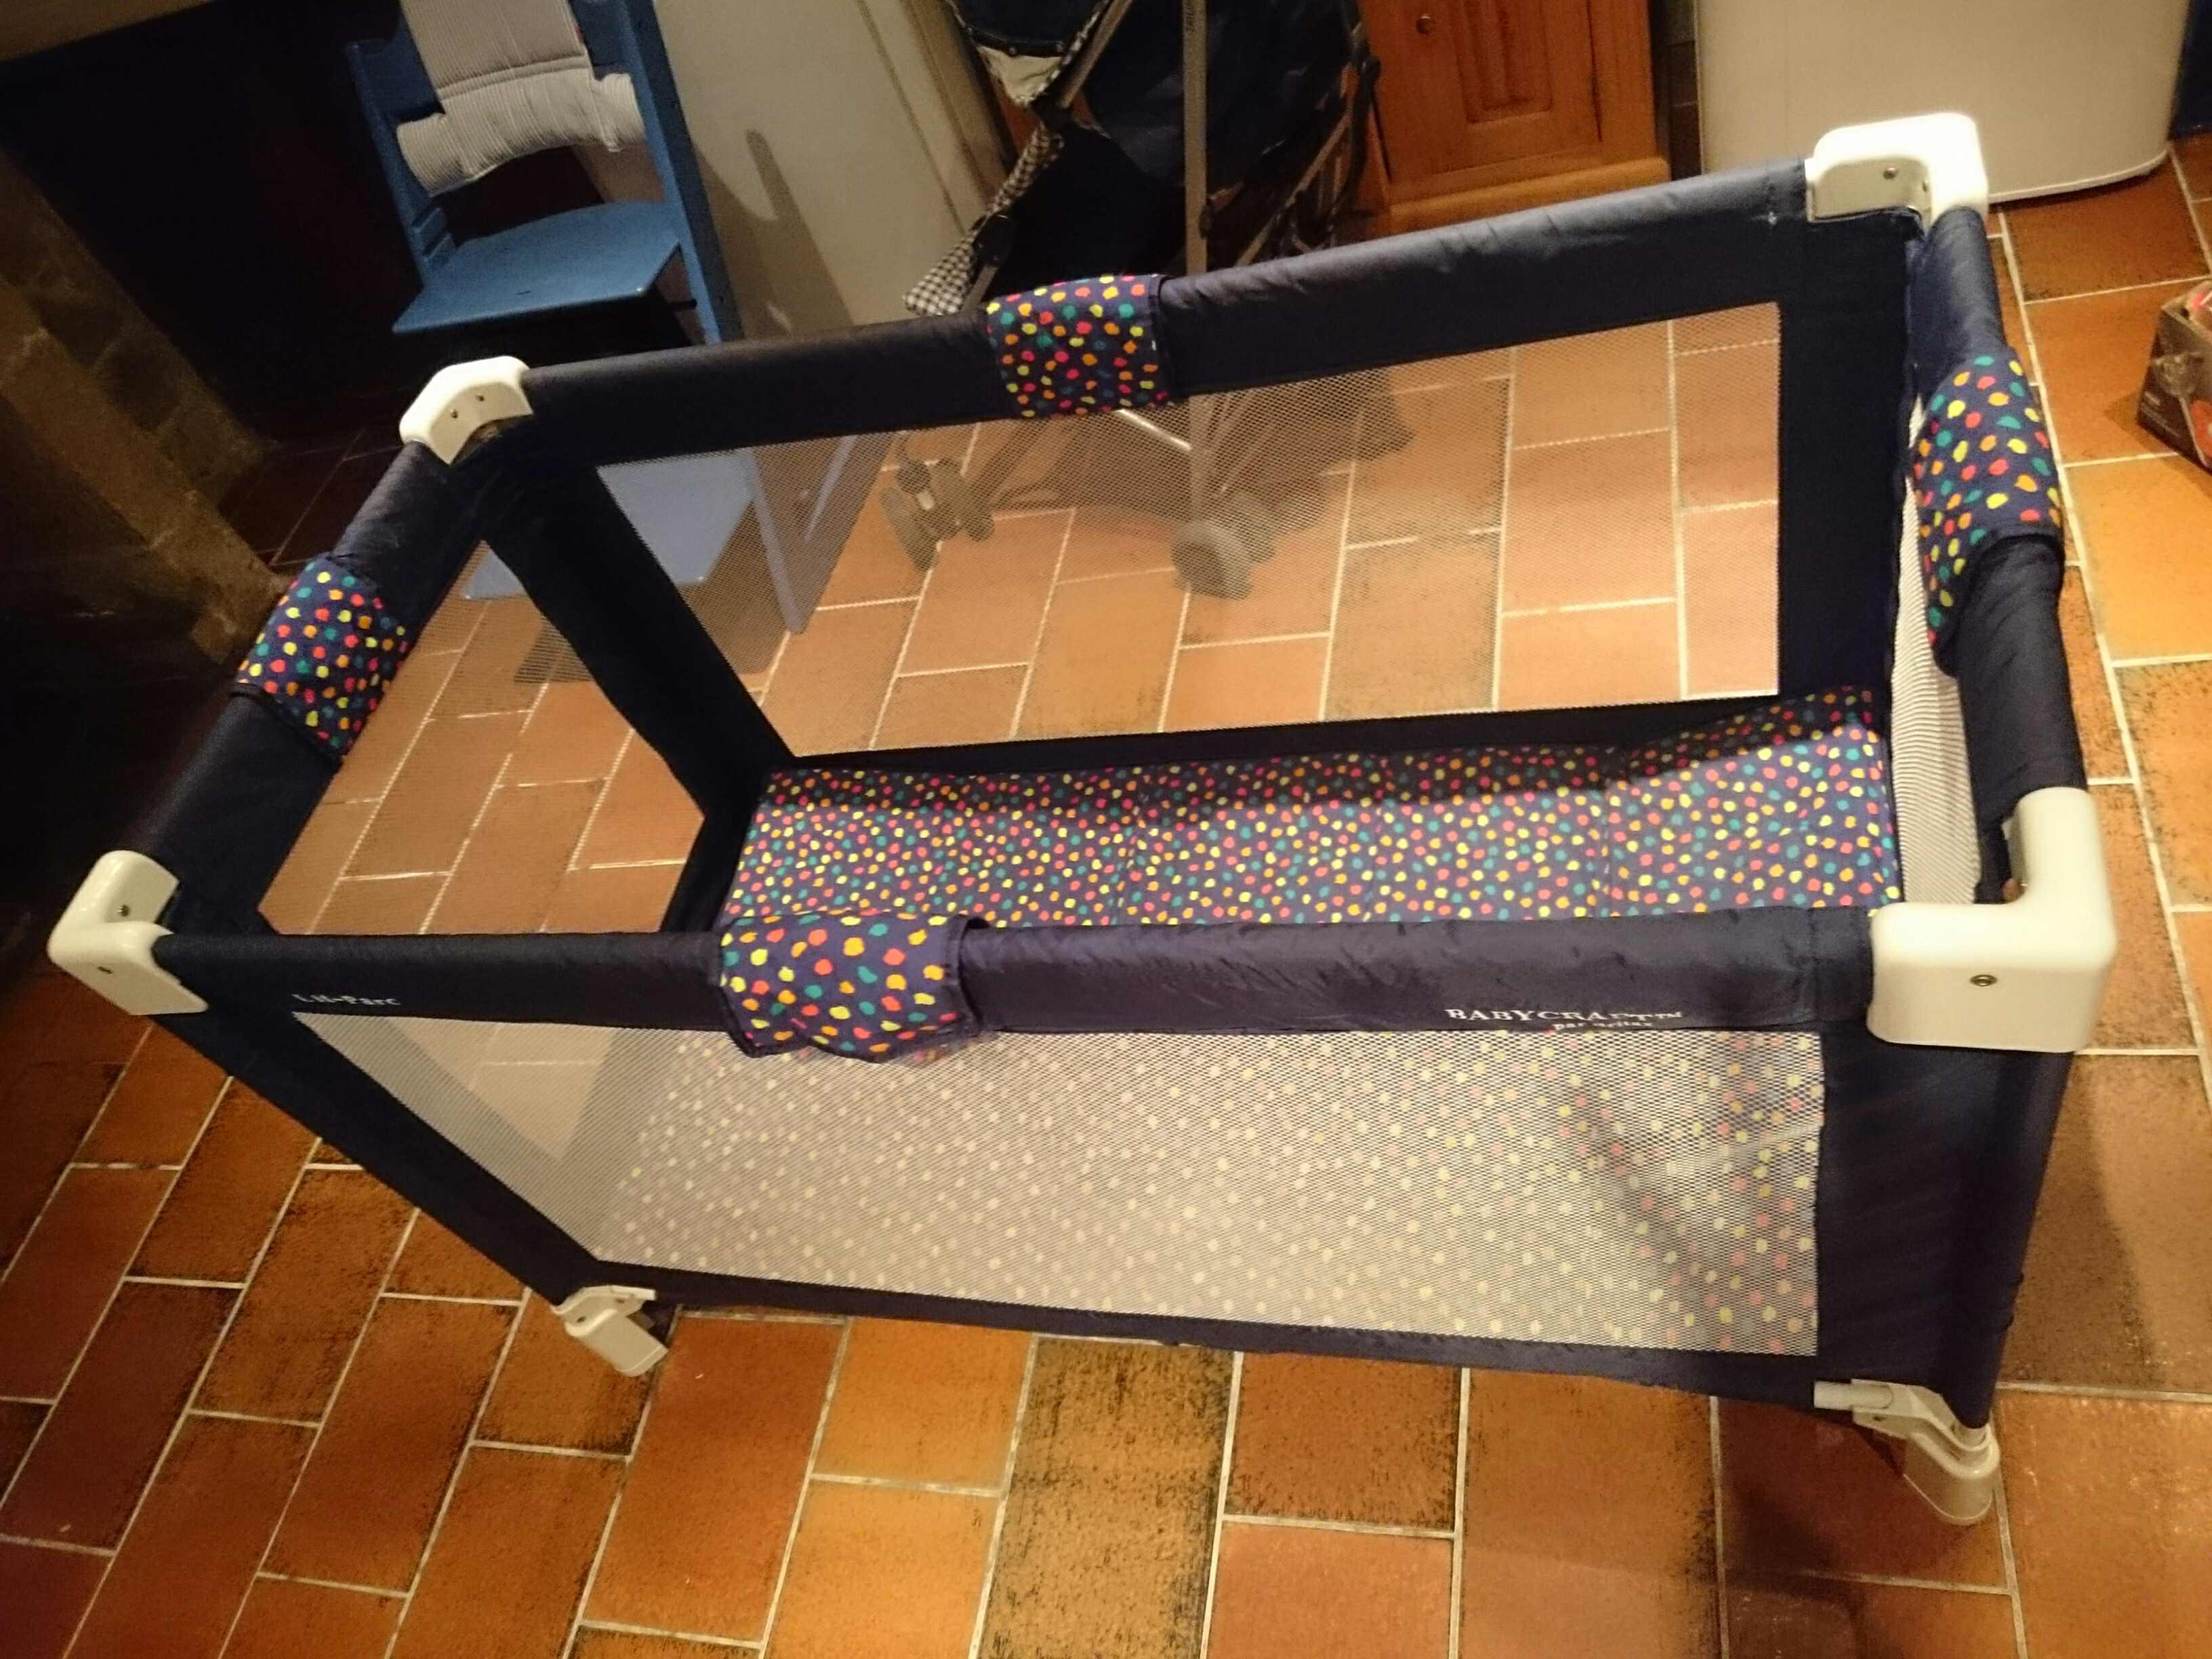 chaises enfants occasion annonces achat et vente de chaises enfants paruvendu mondebarras page 8. Black Bedroom Furniture Sets. Home Design Ideas